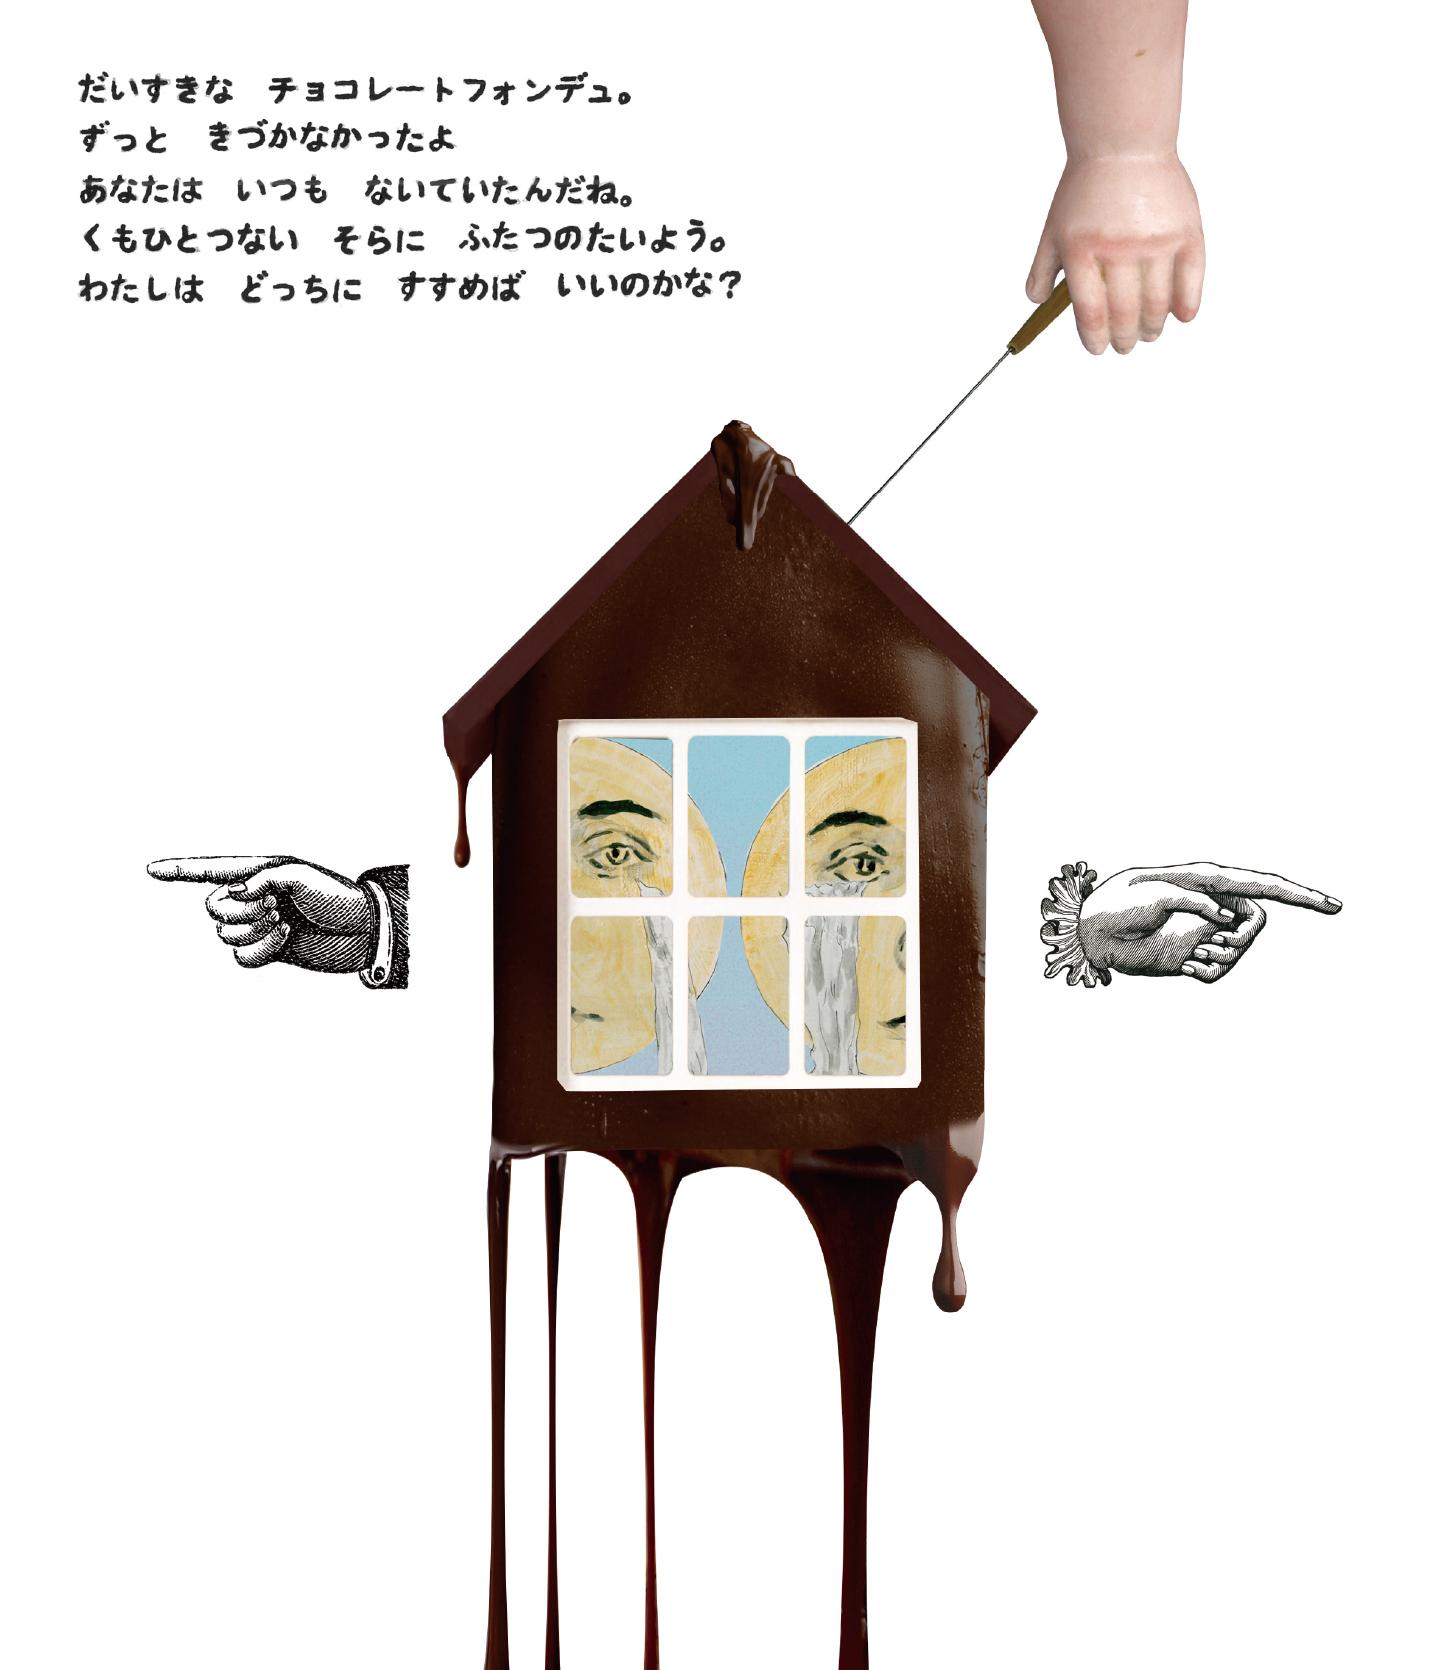 ichigo_hime